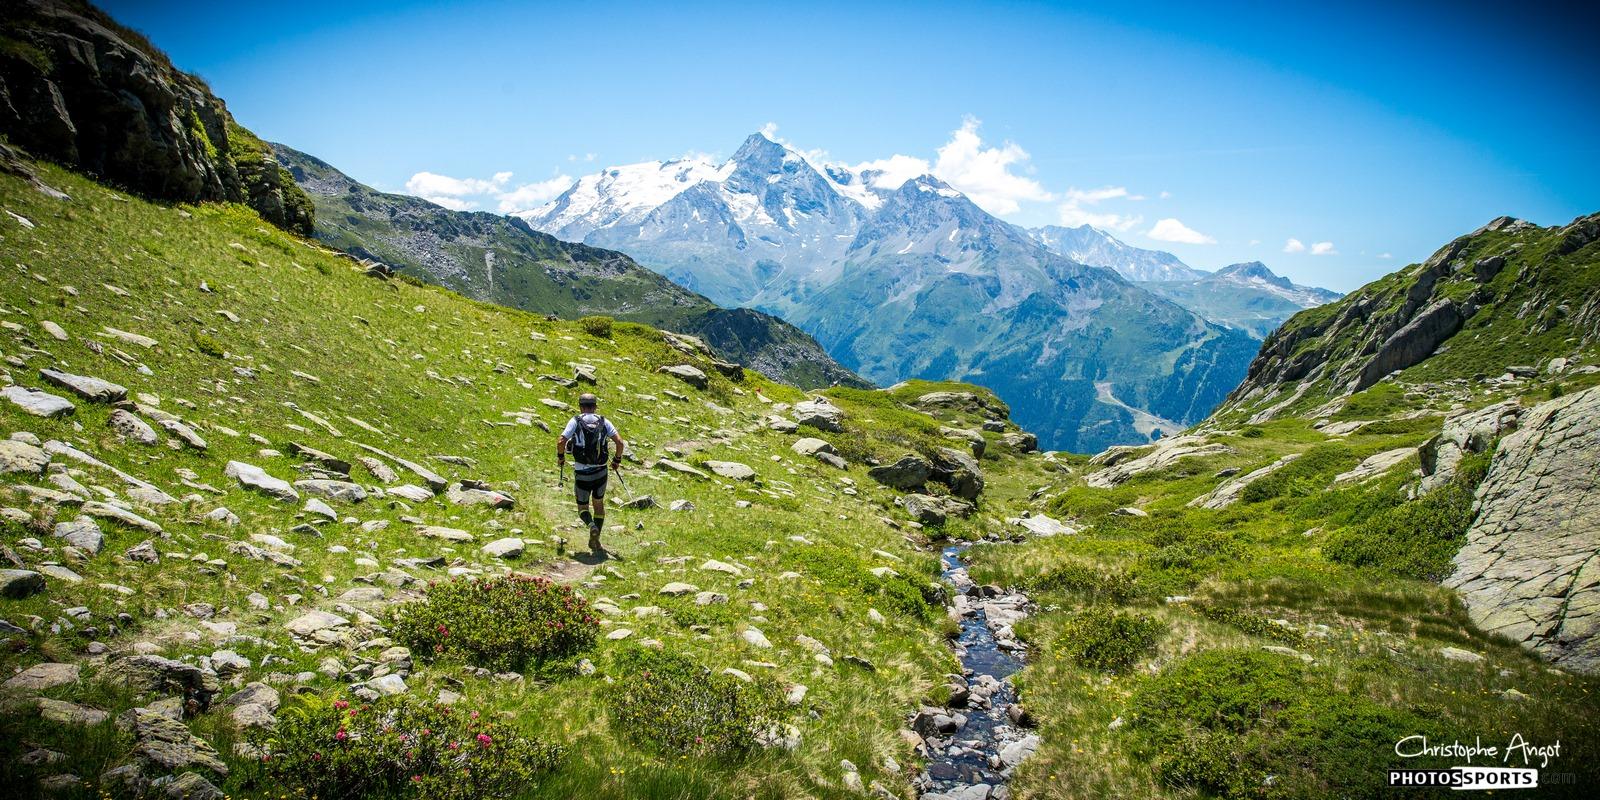 Le Trail de La Rosiere